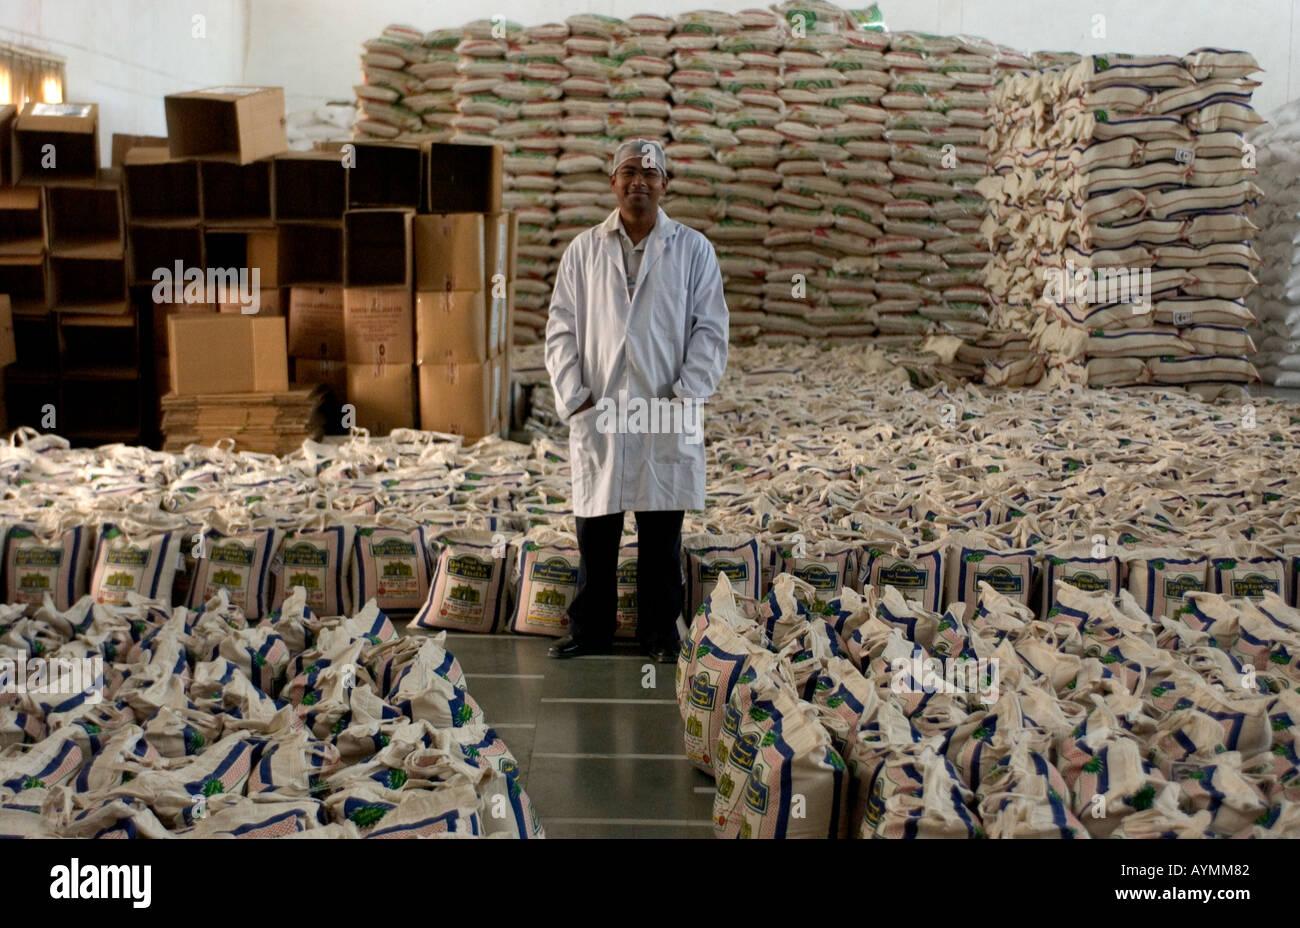 Lavoratore di riso Riso in impianti di trasformazione, India del nord. Qui di riso viene esportata in Europa sotto il Fairtrade deal Immagini Stock